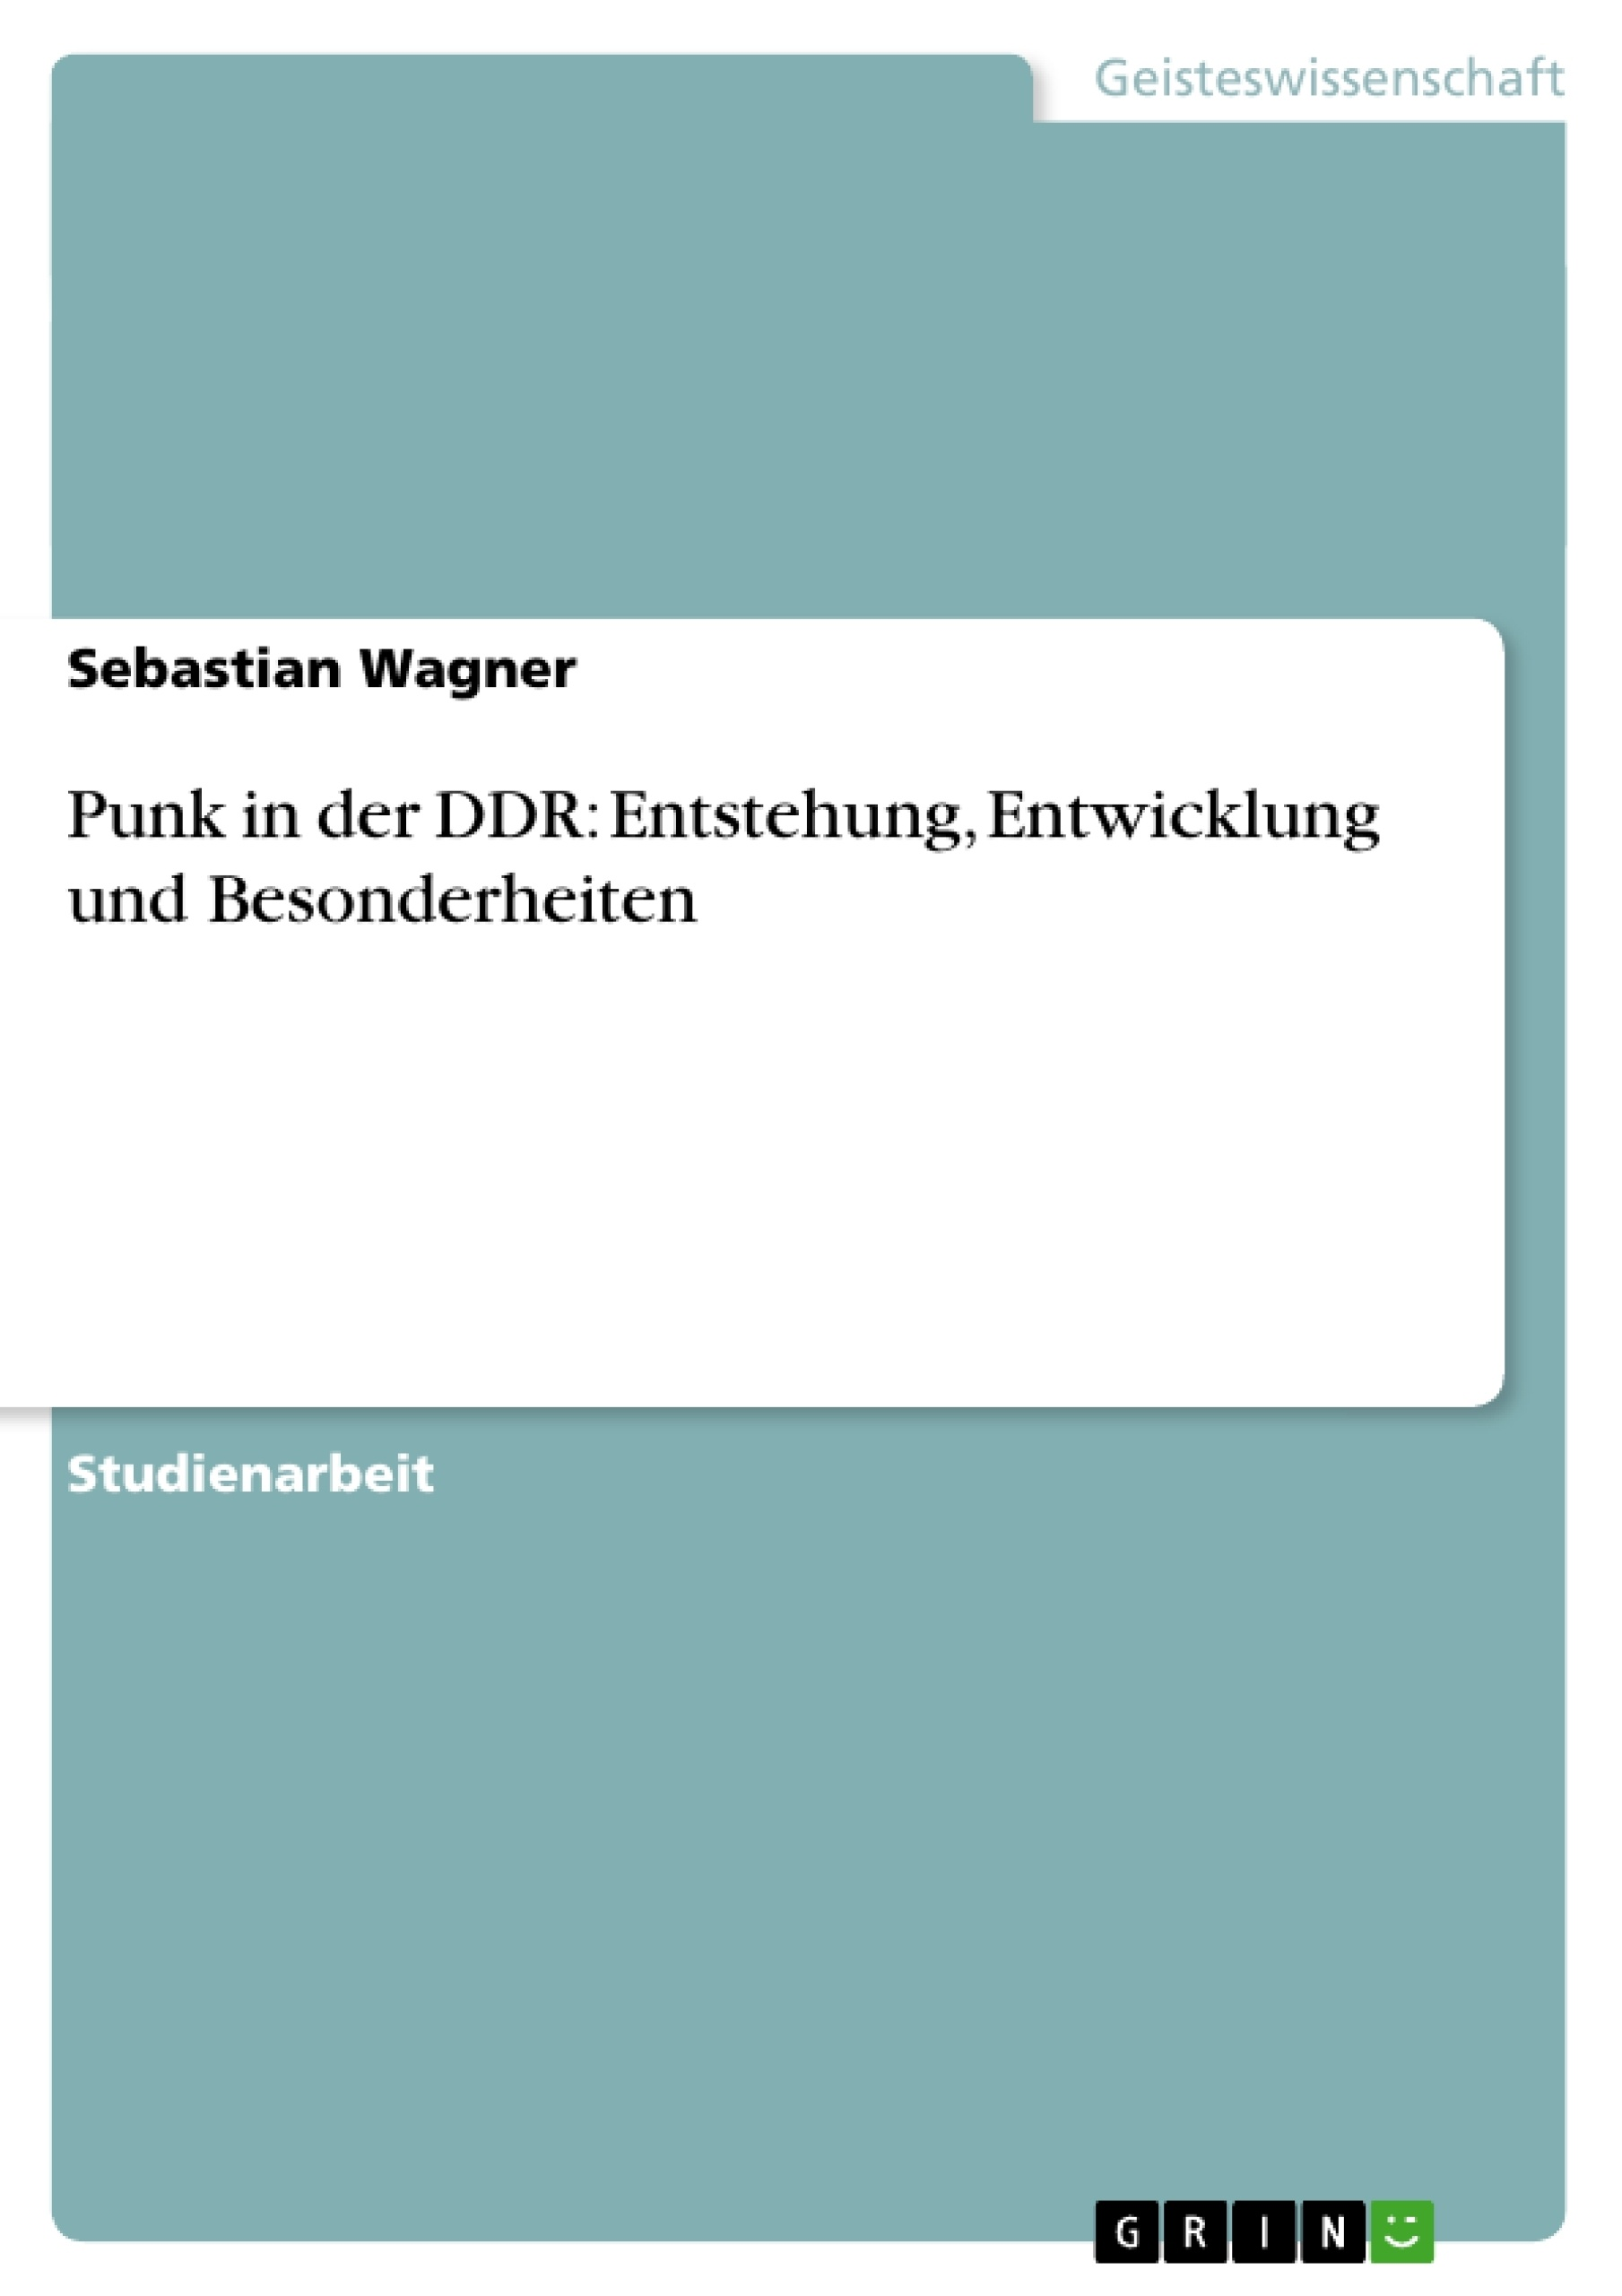 Titel: Punk in der DDR: Entstehung, Entwicklung und Besonderheiten